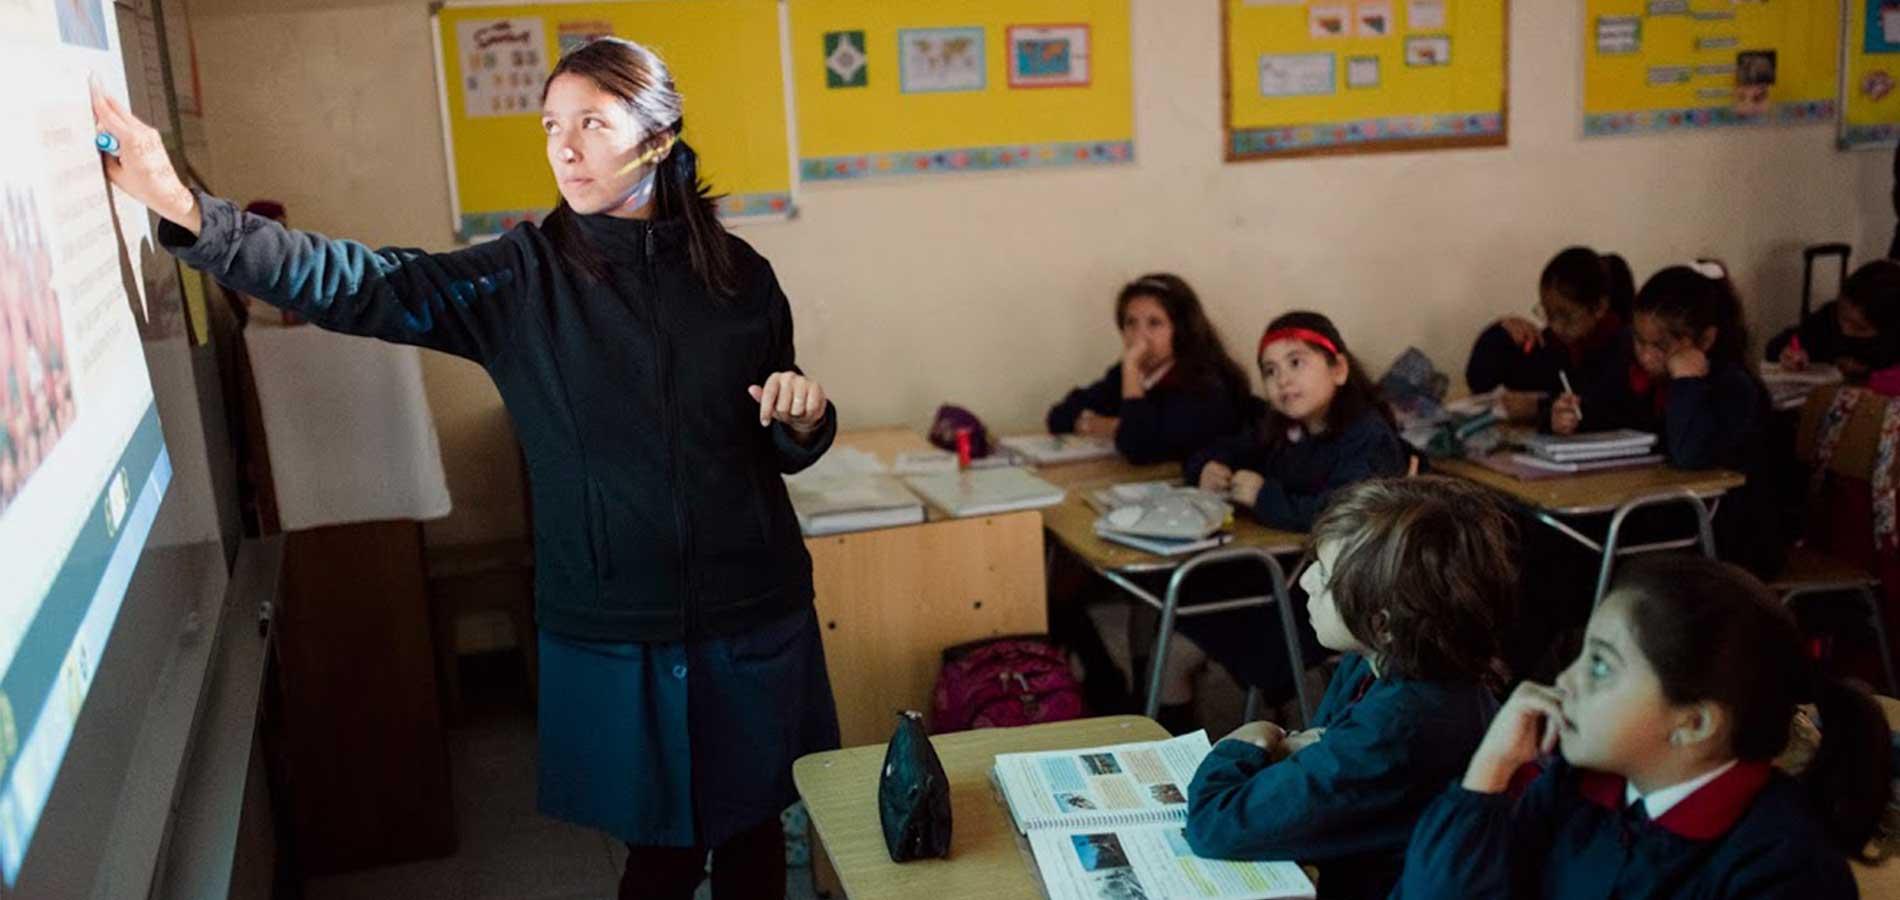 Estudio U. de Chile: 20 por ciento de los profesores se retira en los primeros 5 años de vida laboral